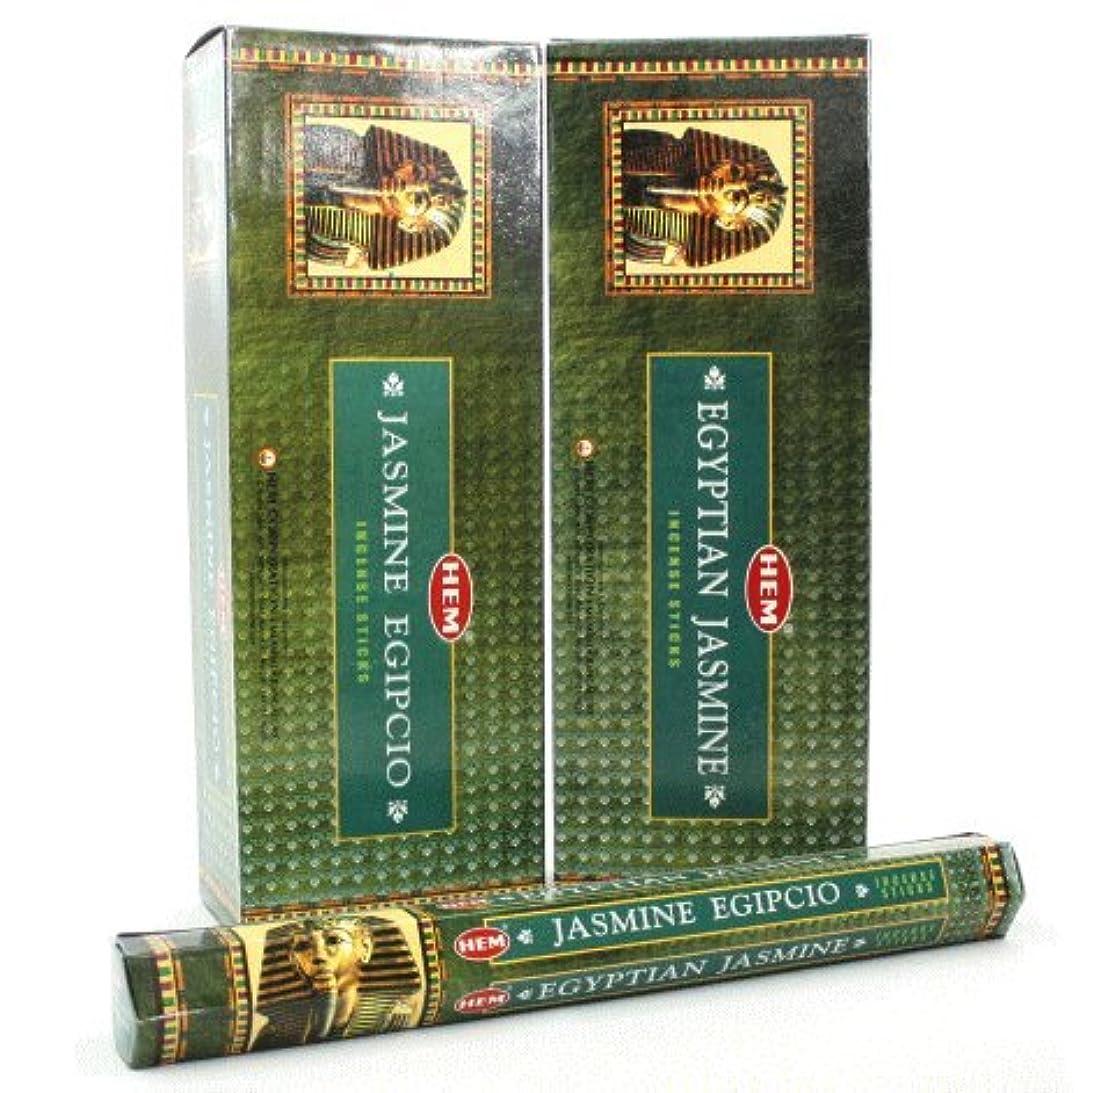 スパーク急襲申請者HEM エジプシャン ジャスミン香 スティック ヘキサパック(六角) 12箱セット HEM EGYPTIAN JASMINE